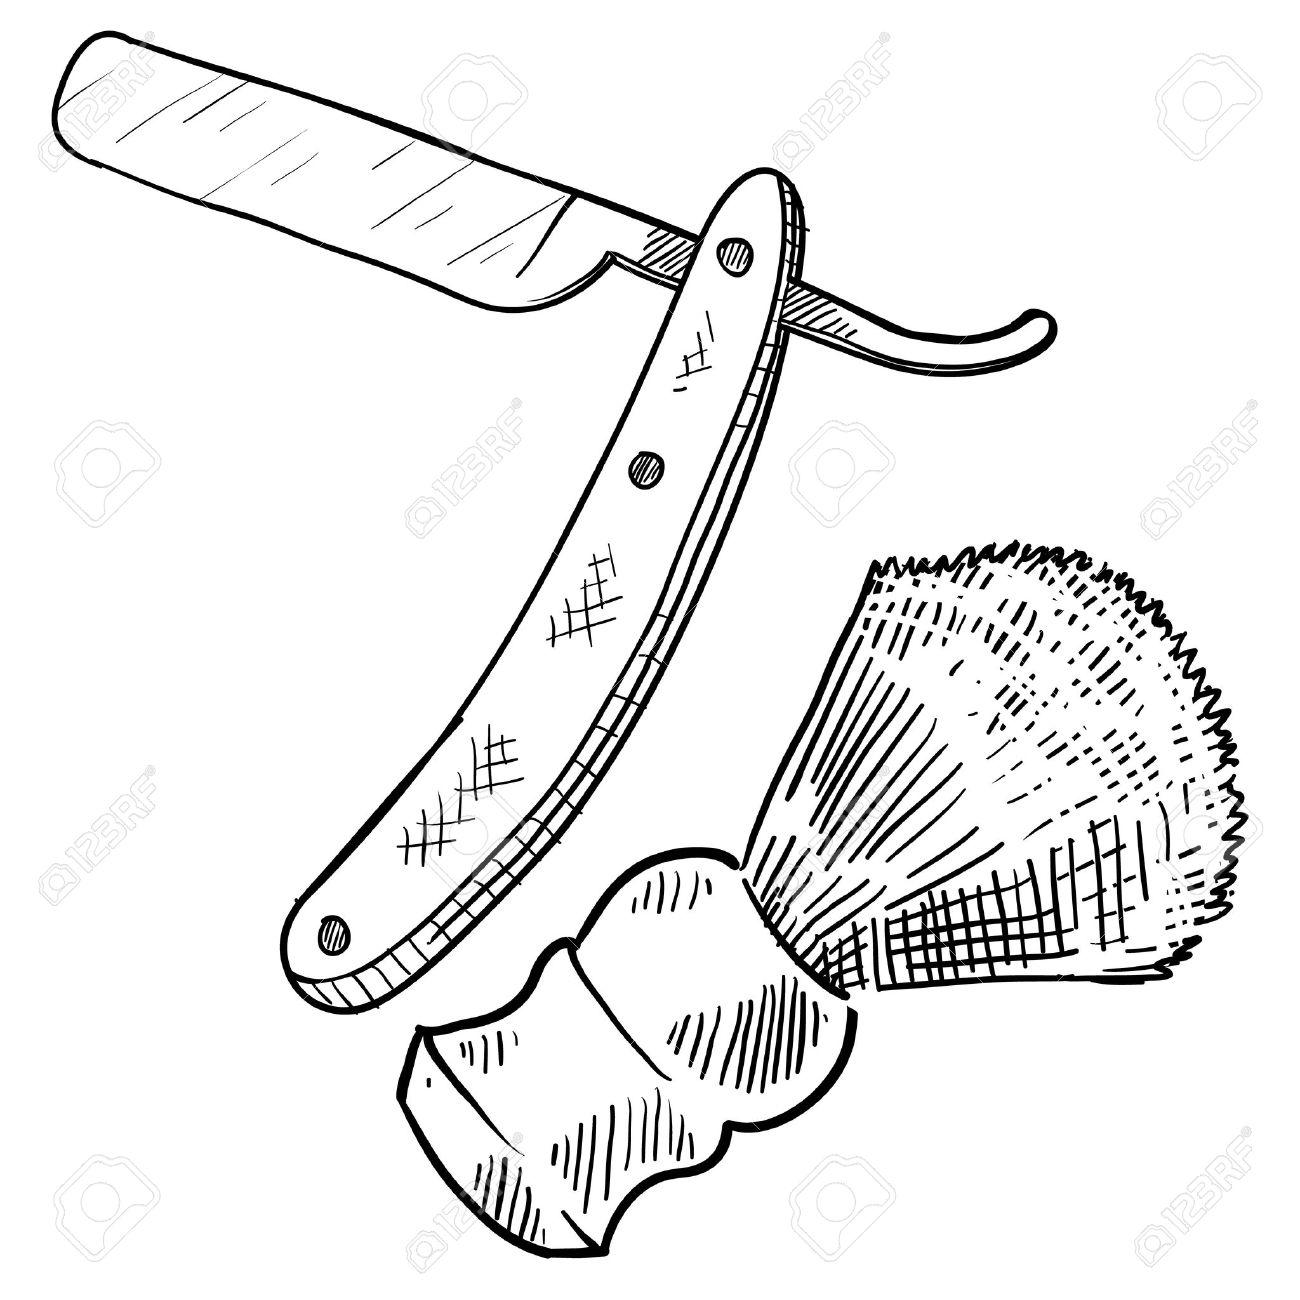 1300x1300 Doodle Style Retro Straight Razor And Shaving Brush Illustration